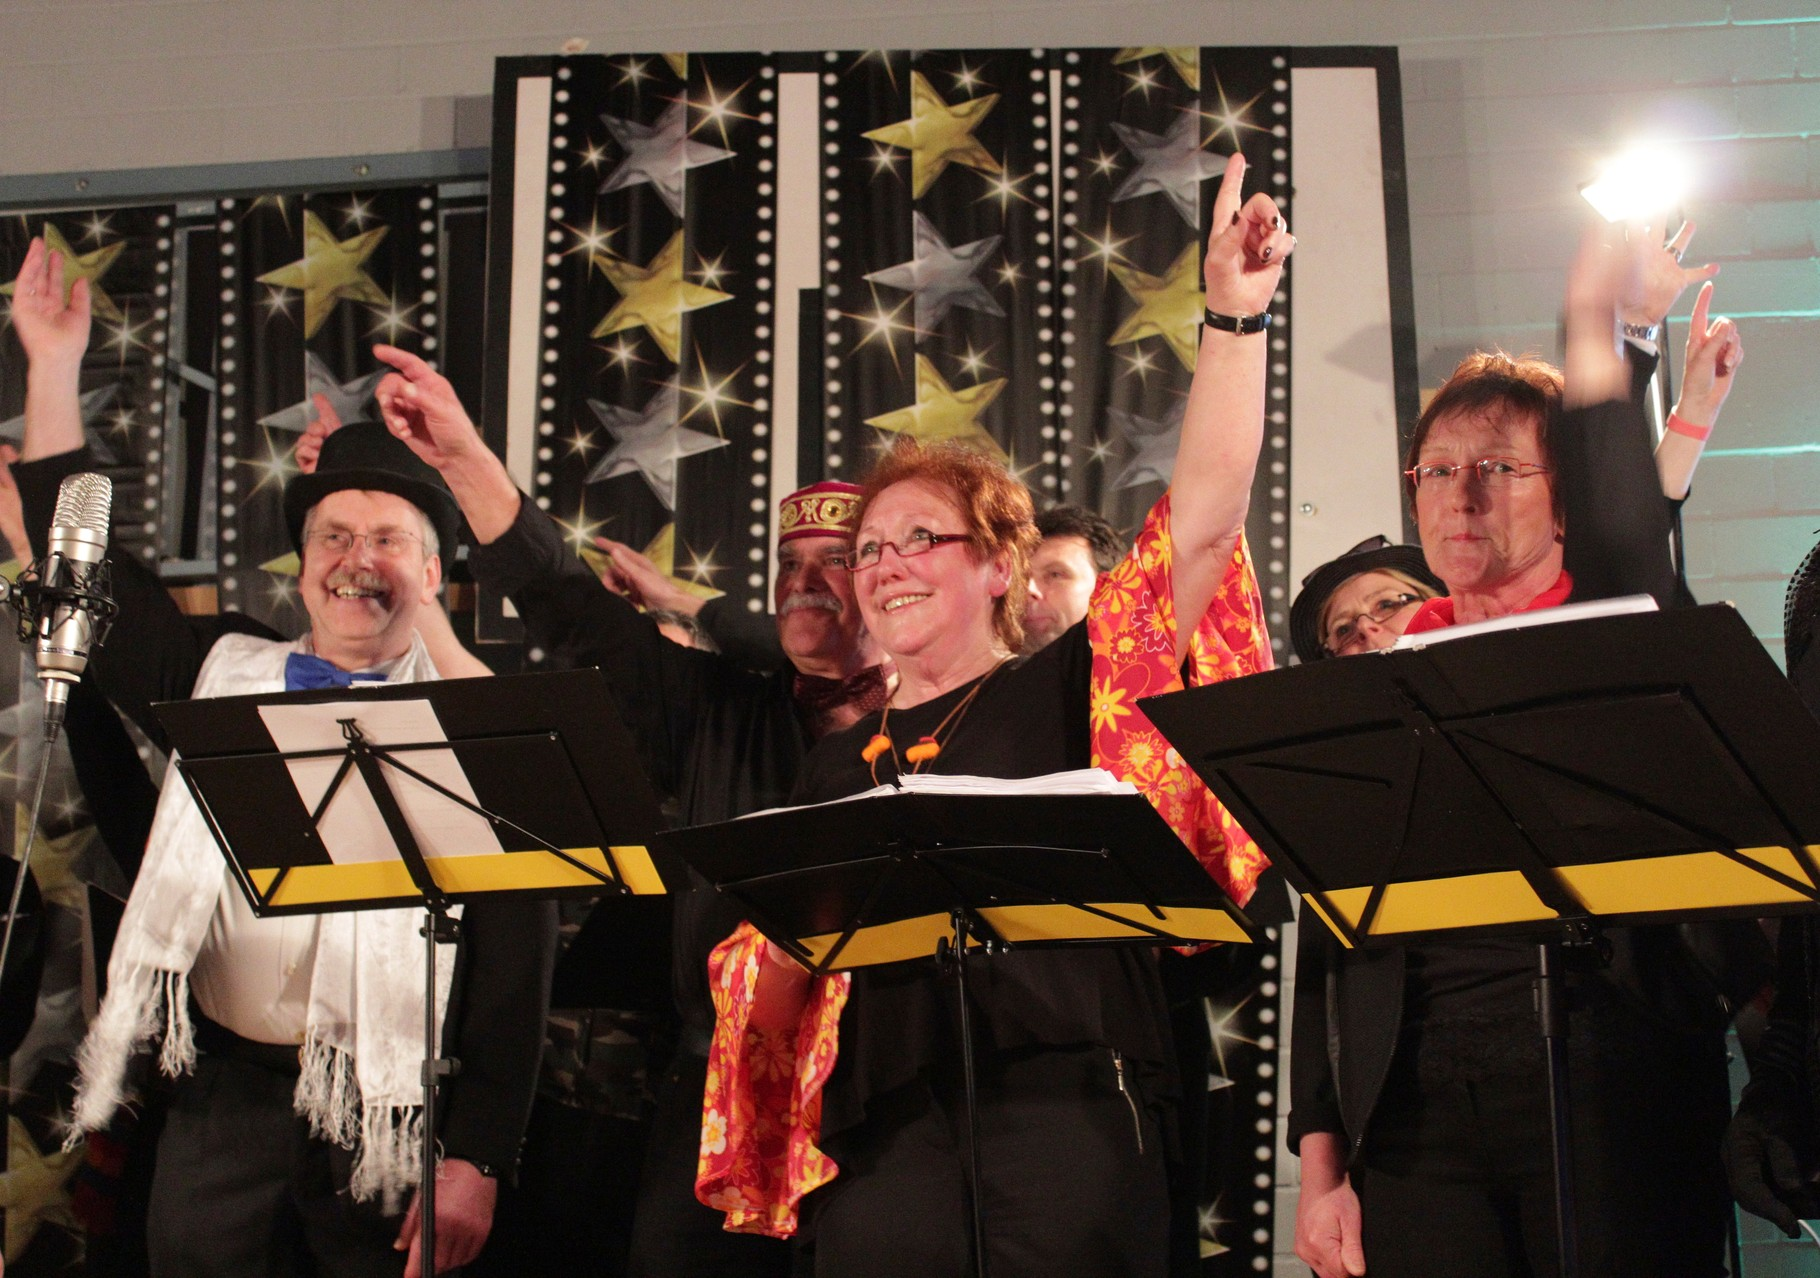 Da Capo-Konzert am 21. März 2015. Foto: Konder